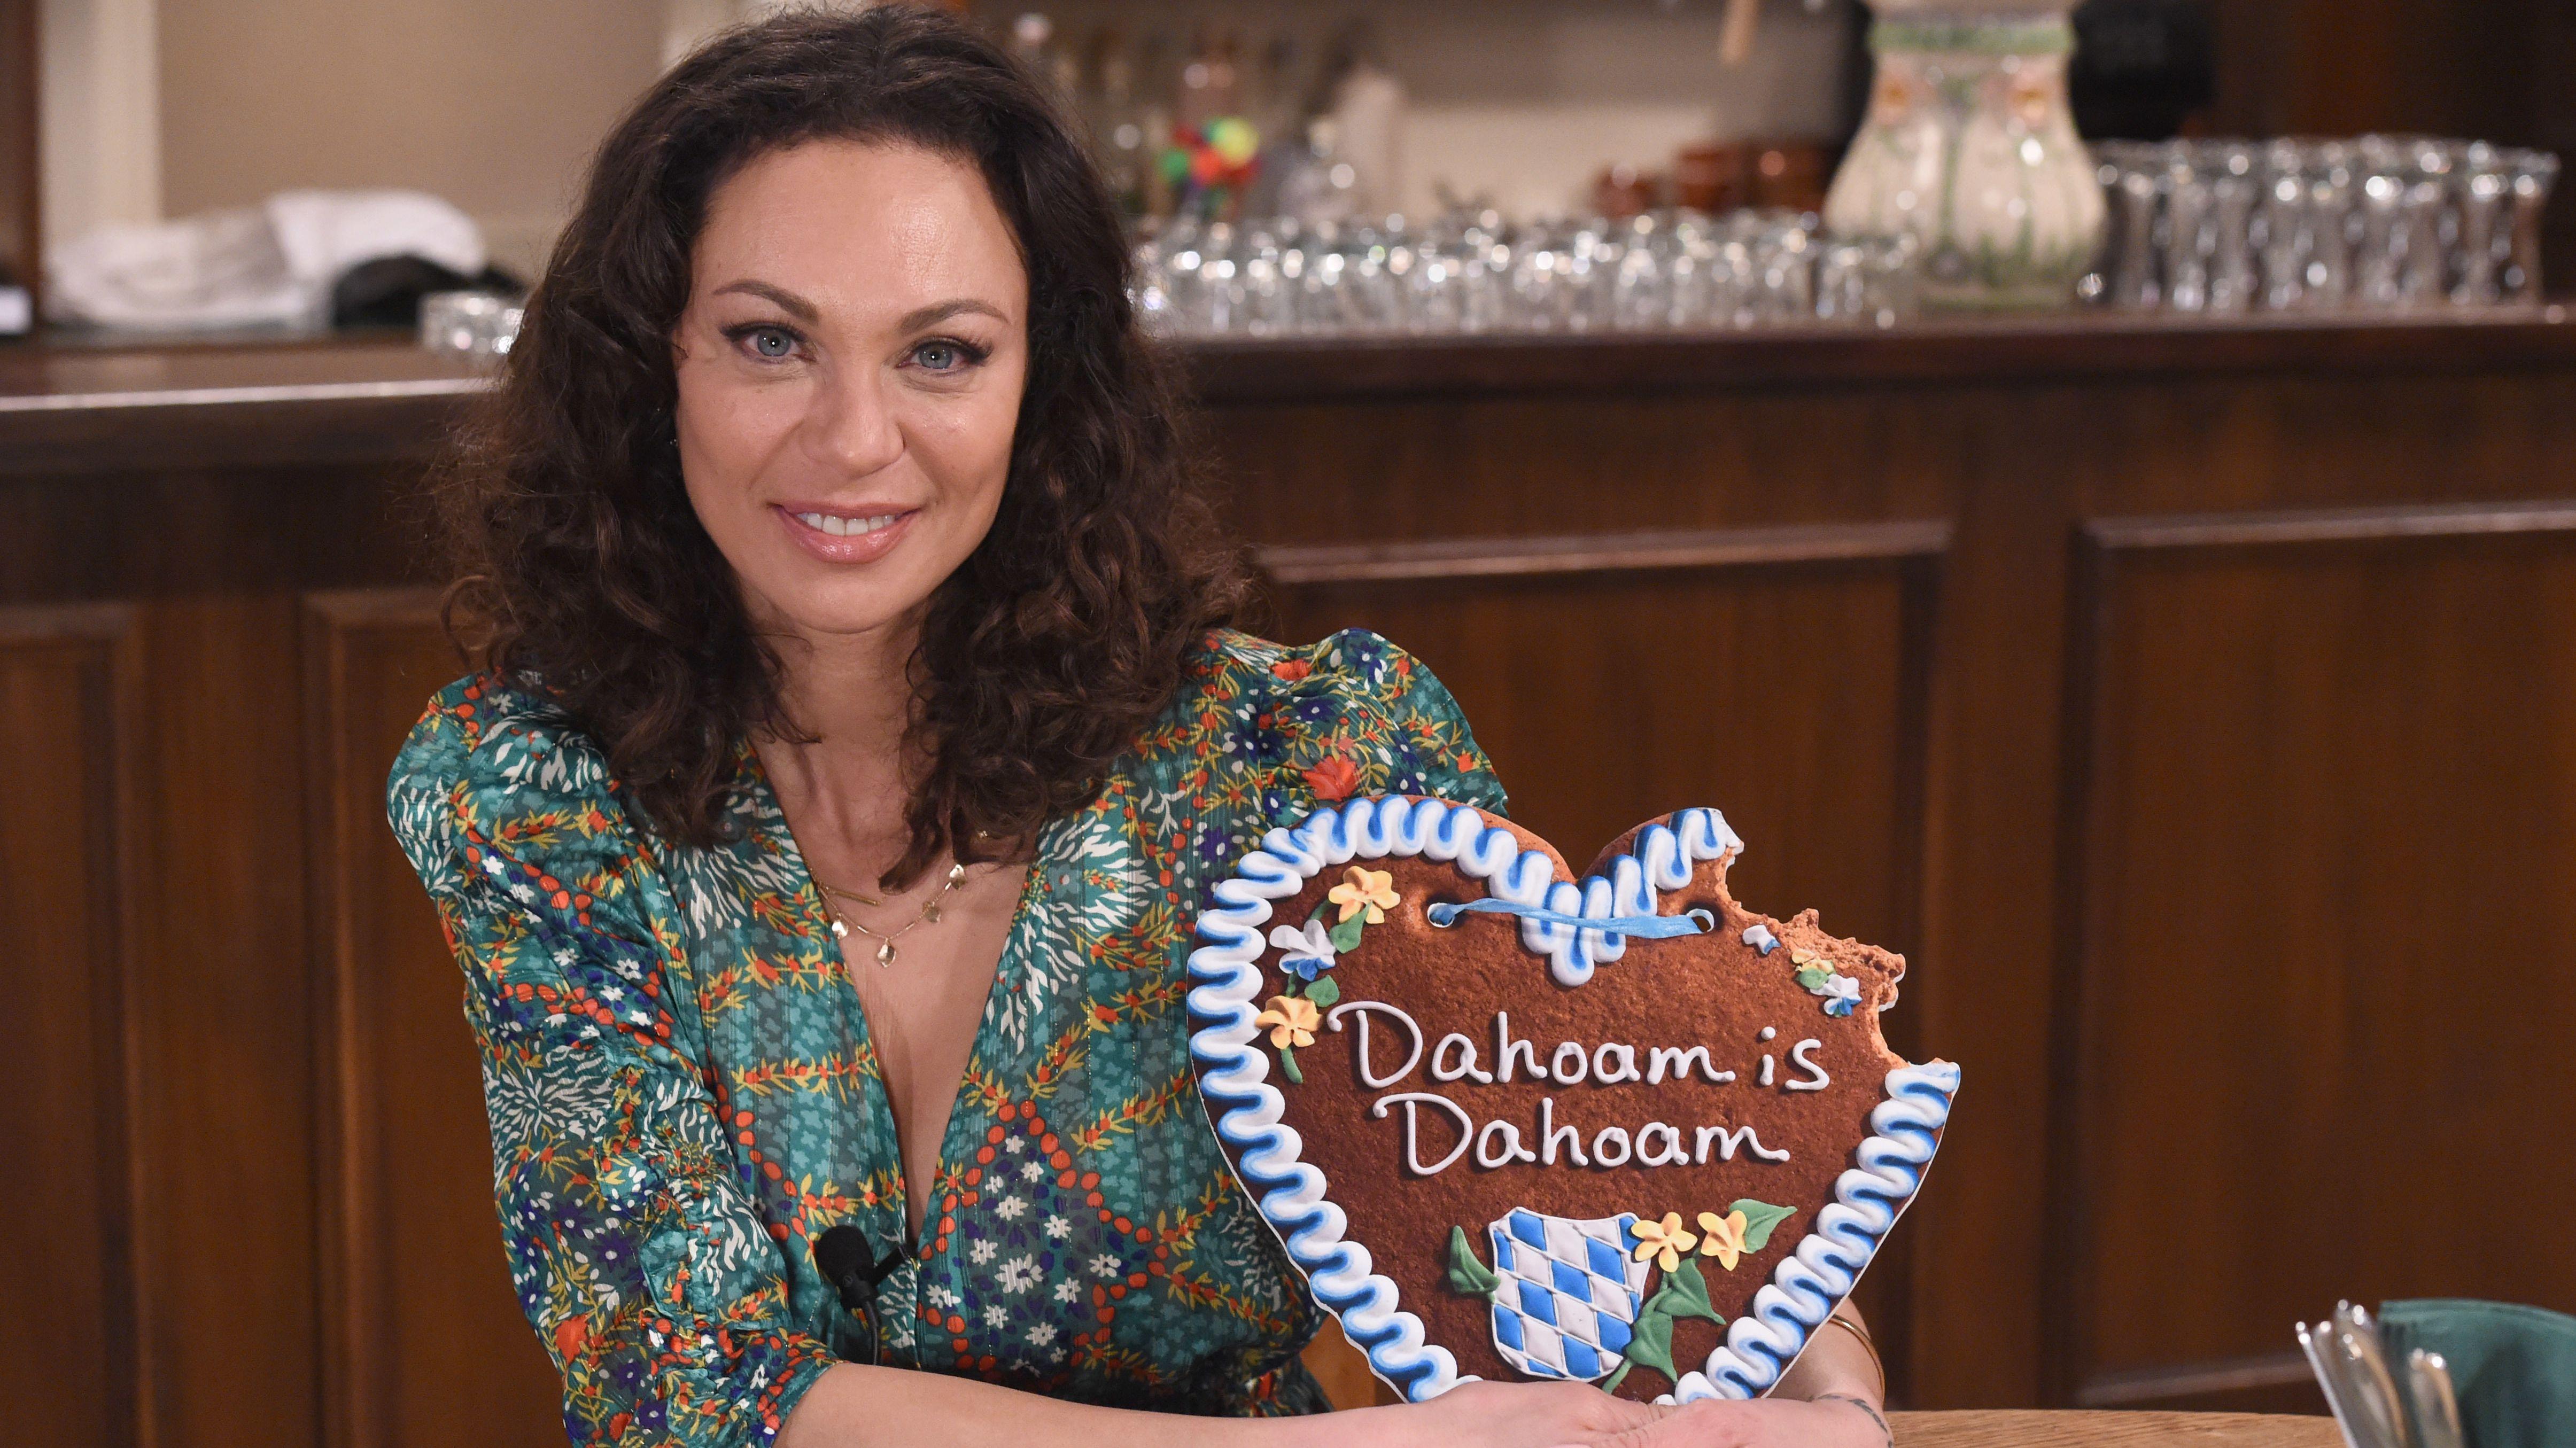 Das passende Lebkuchenherz hat die Neu-Schauspielerin auch schon bekommen.